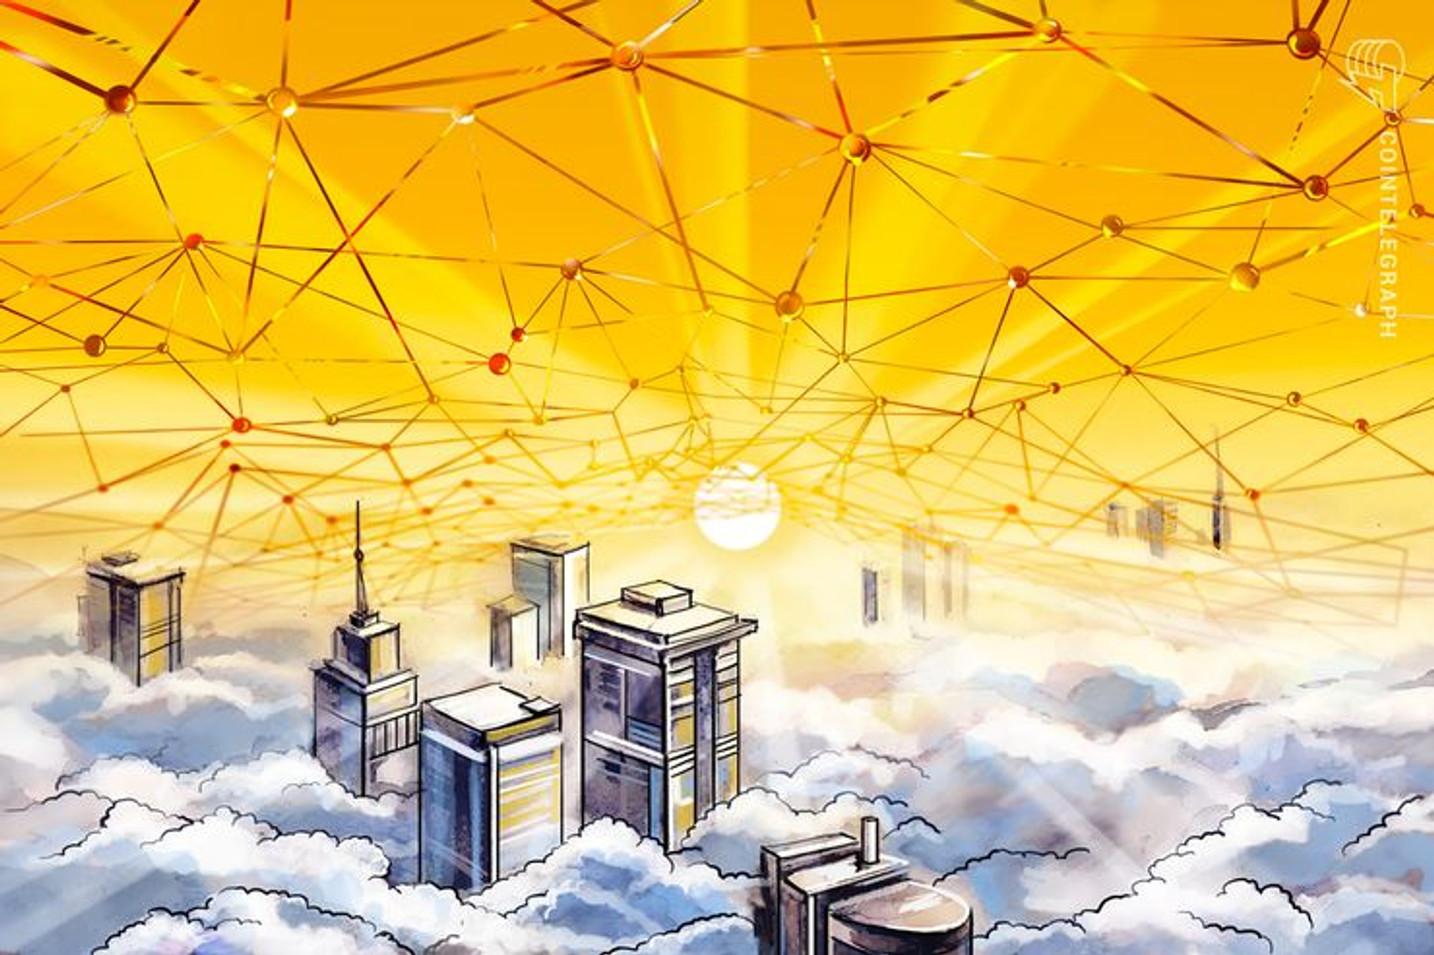 中国の著名企業家、165億円を出資してブロックチェーン技術の研究開発の企業を設立